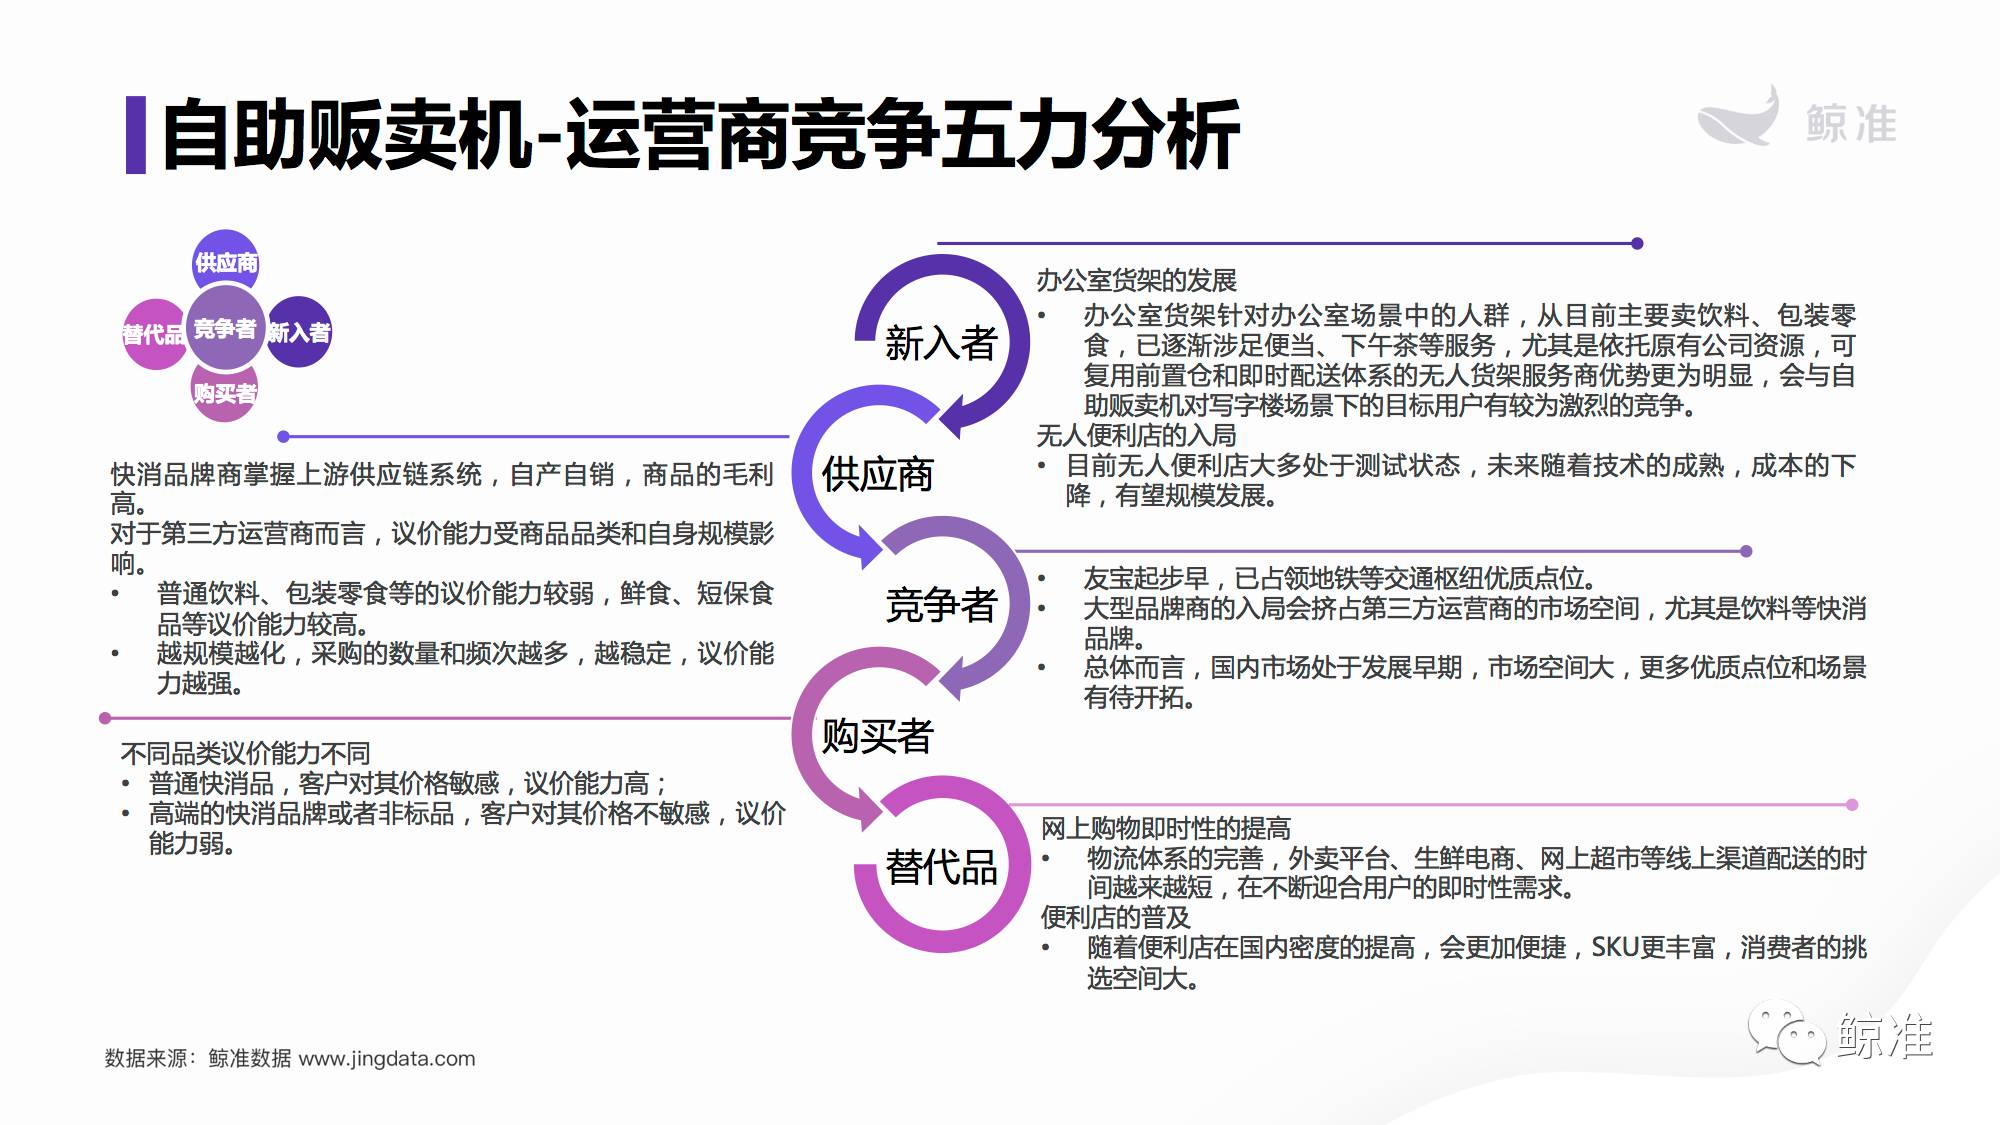 创投历经15年的狂潮和16年的寒冬后,今年的关键词是:回归——2017中国创投年度白皮书